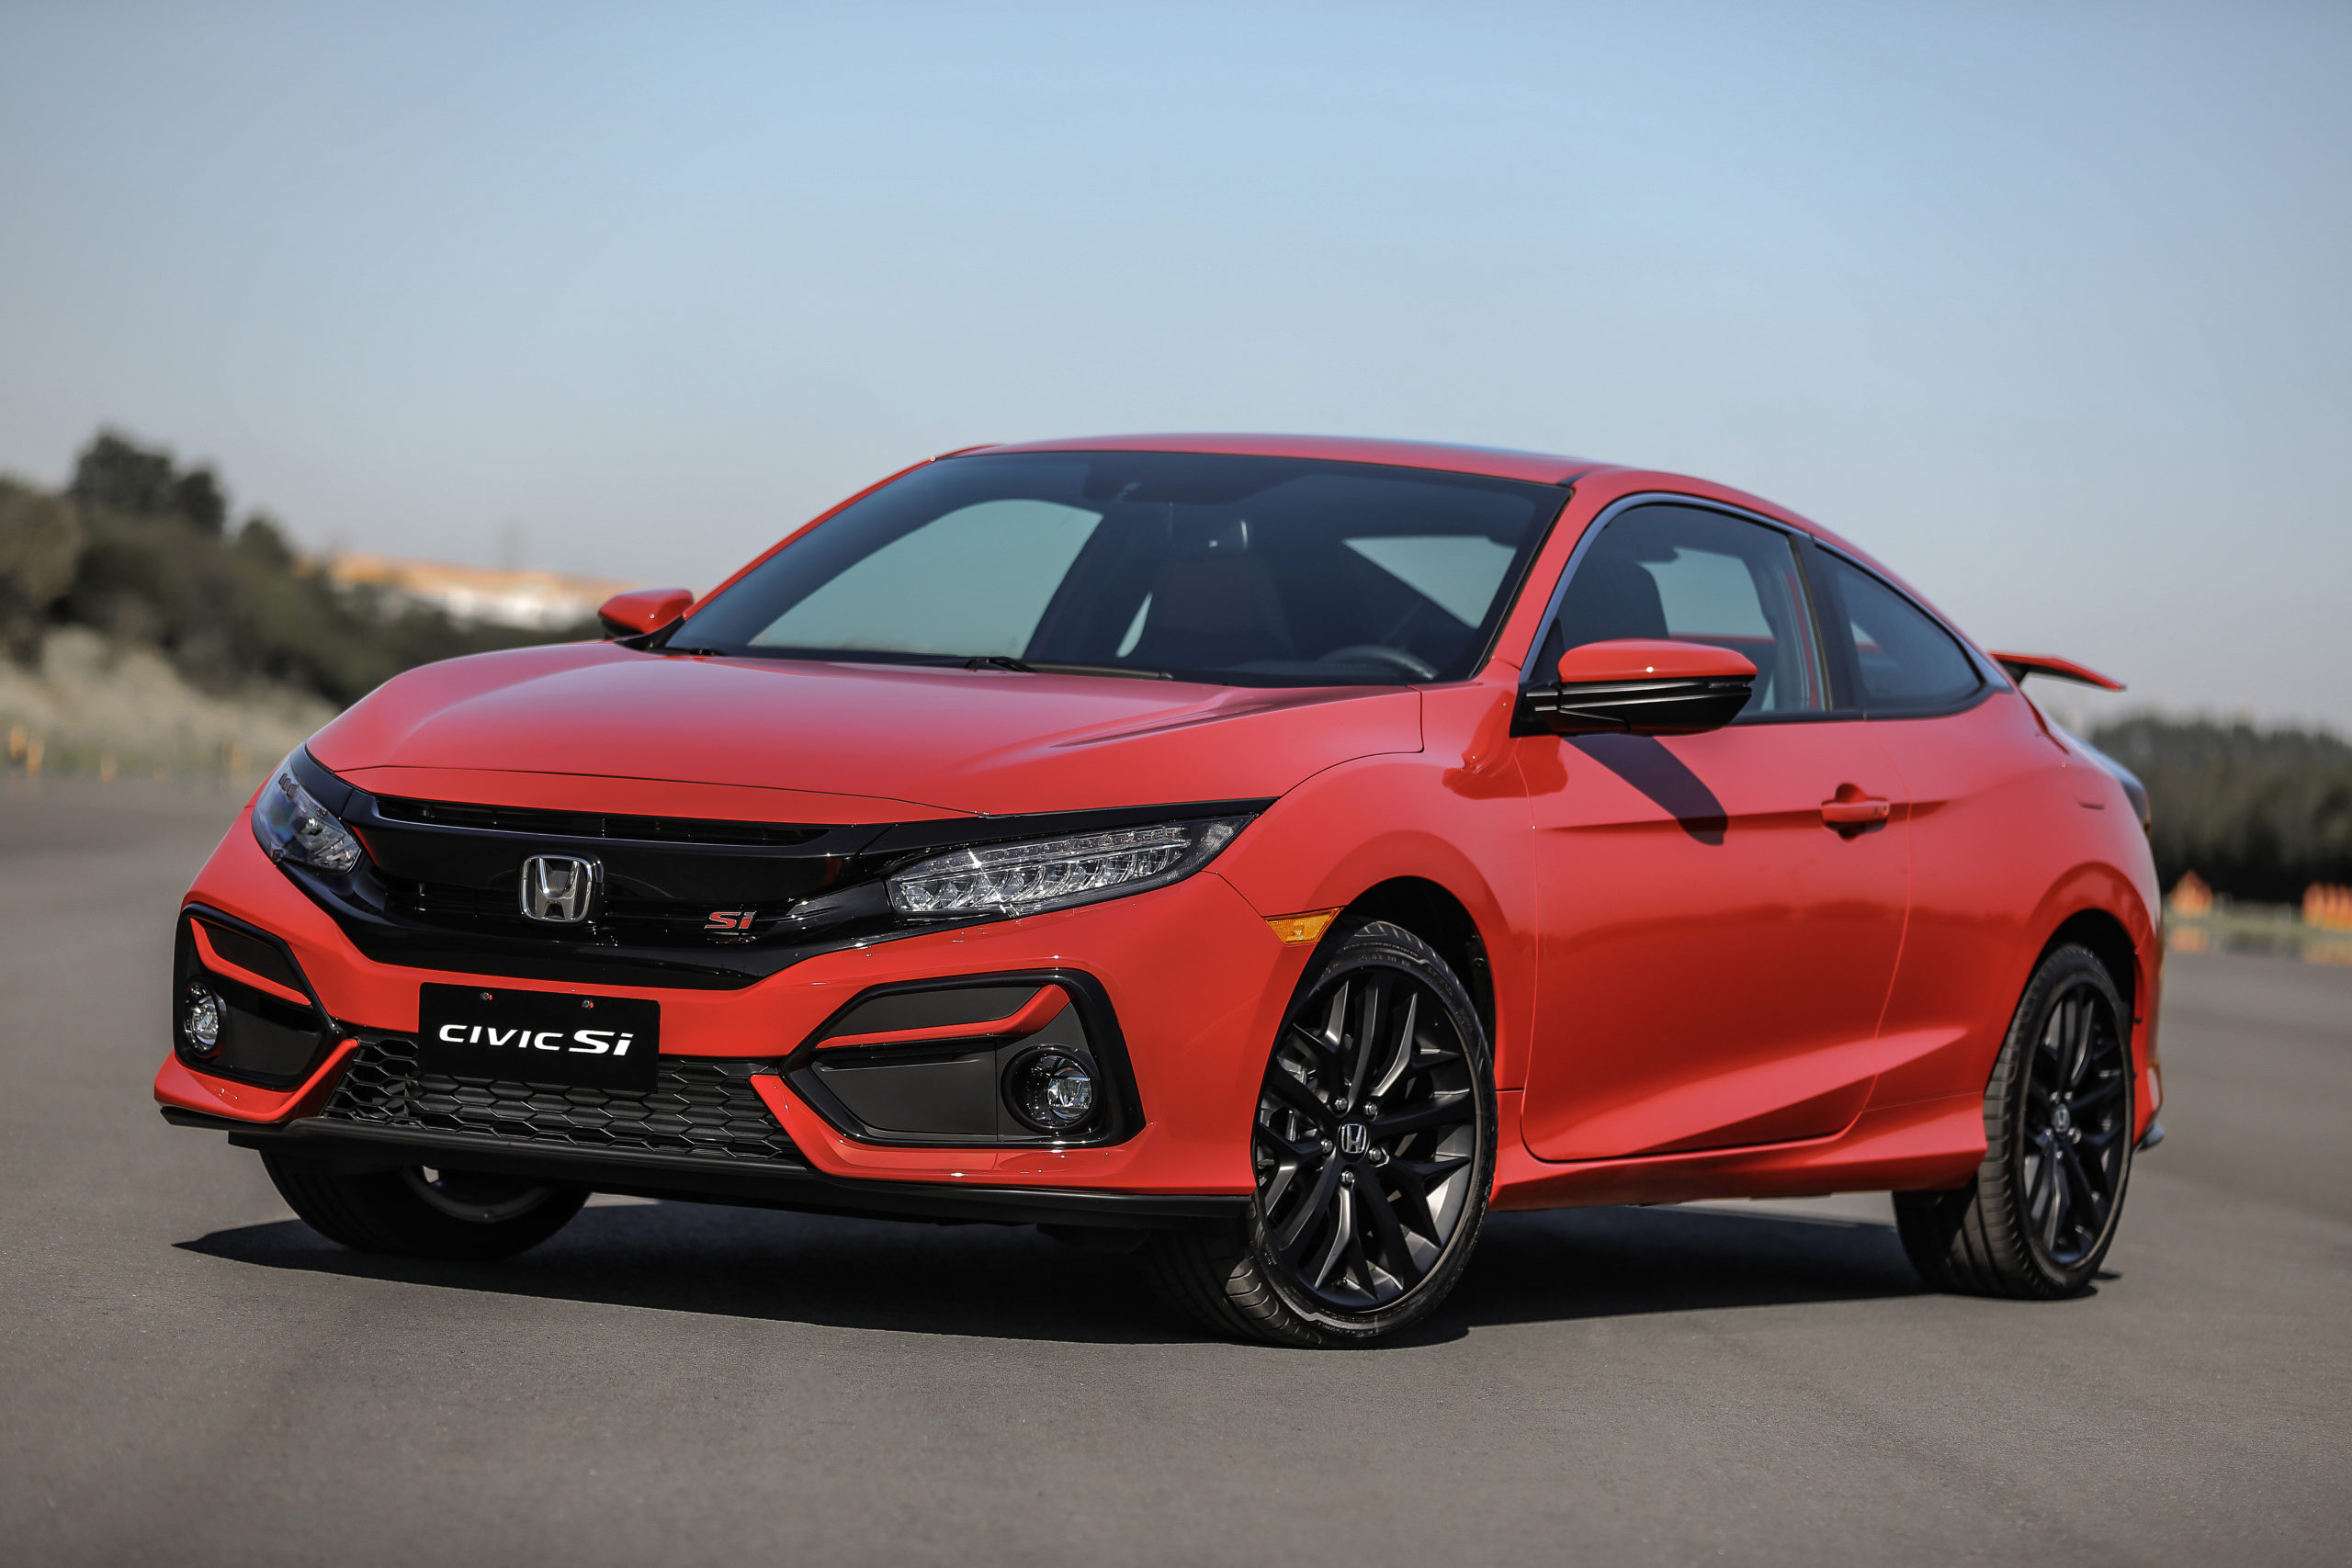 Civic SI volta ao catálogo da Honda com motor turbo 1.5